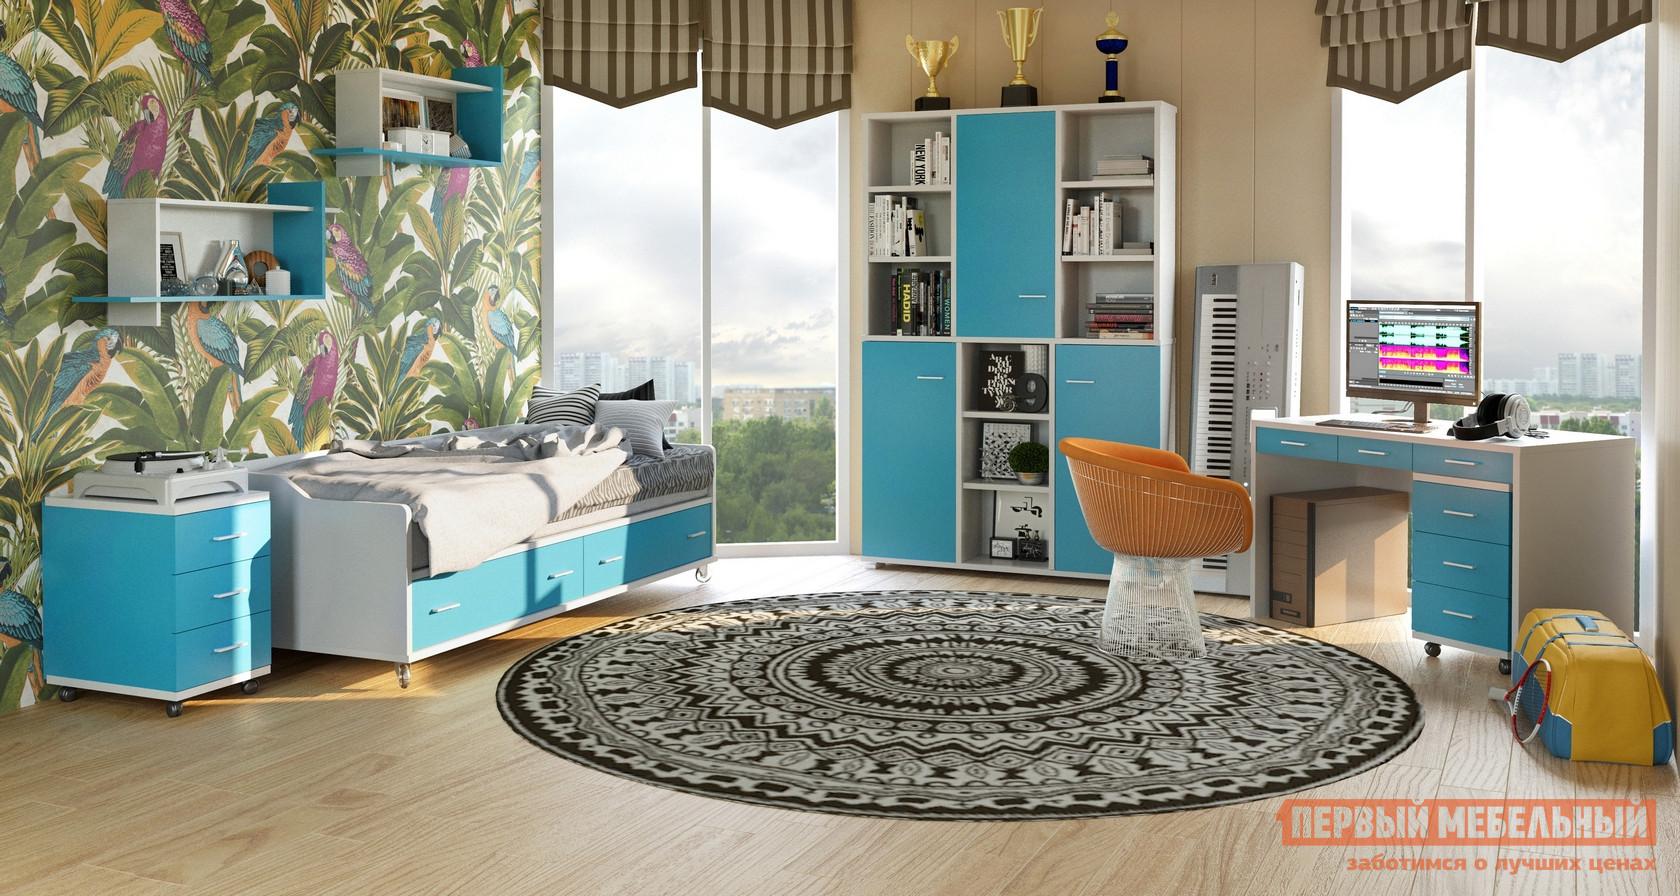 Комплект детской мебели Мэрдэс Teenage К1 спальный гарнитур трия саванна к1